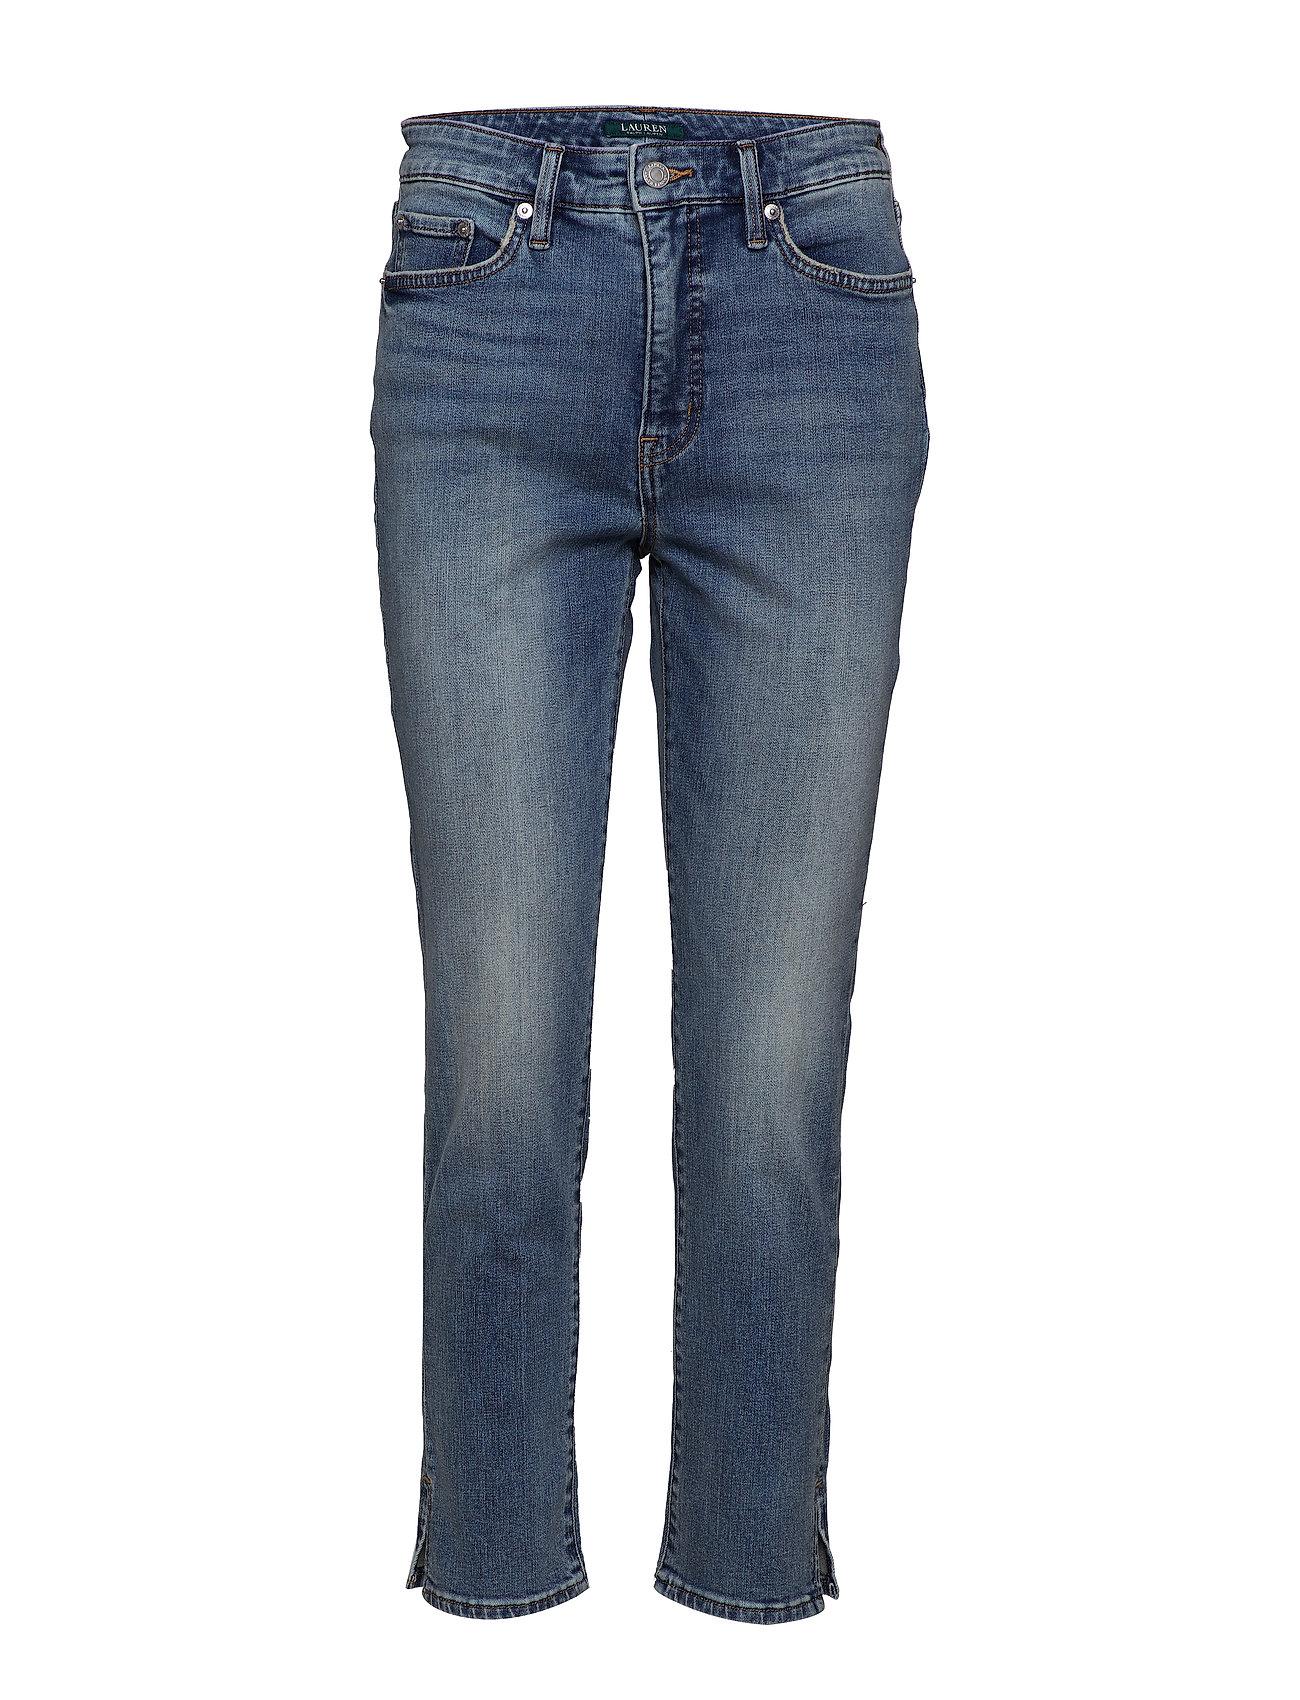 Lauren Ralph Lauren Regal Straight Ankle Jean